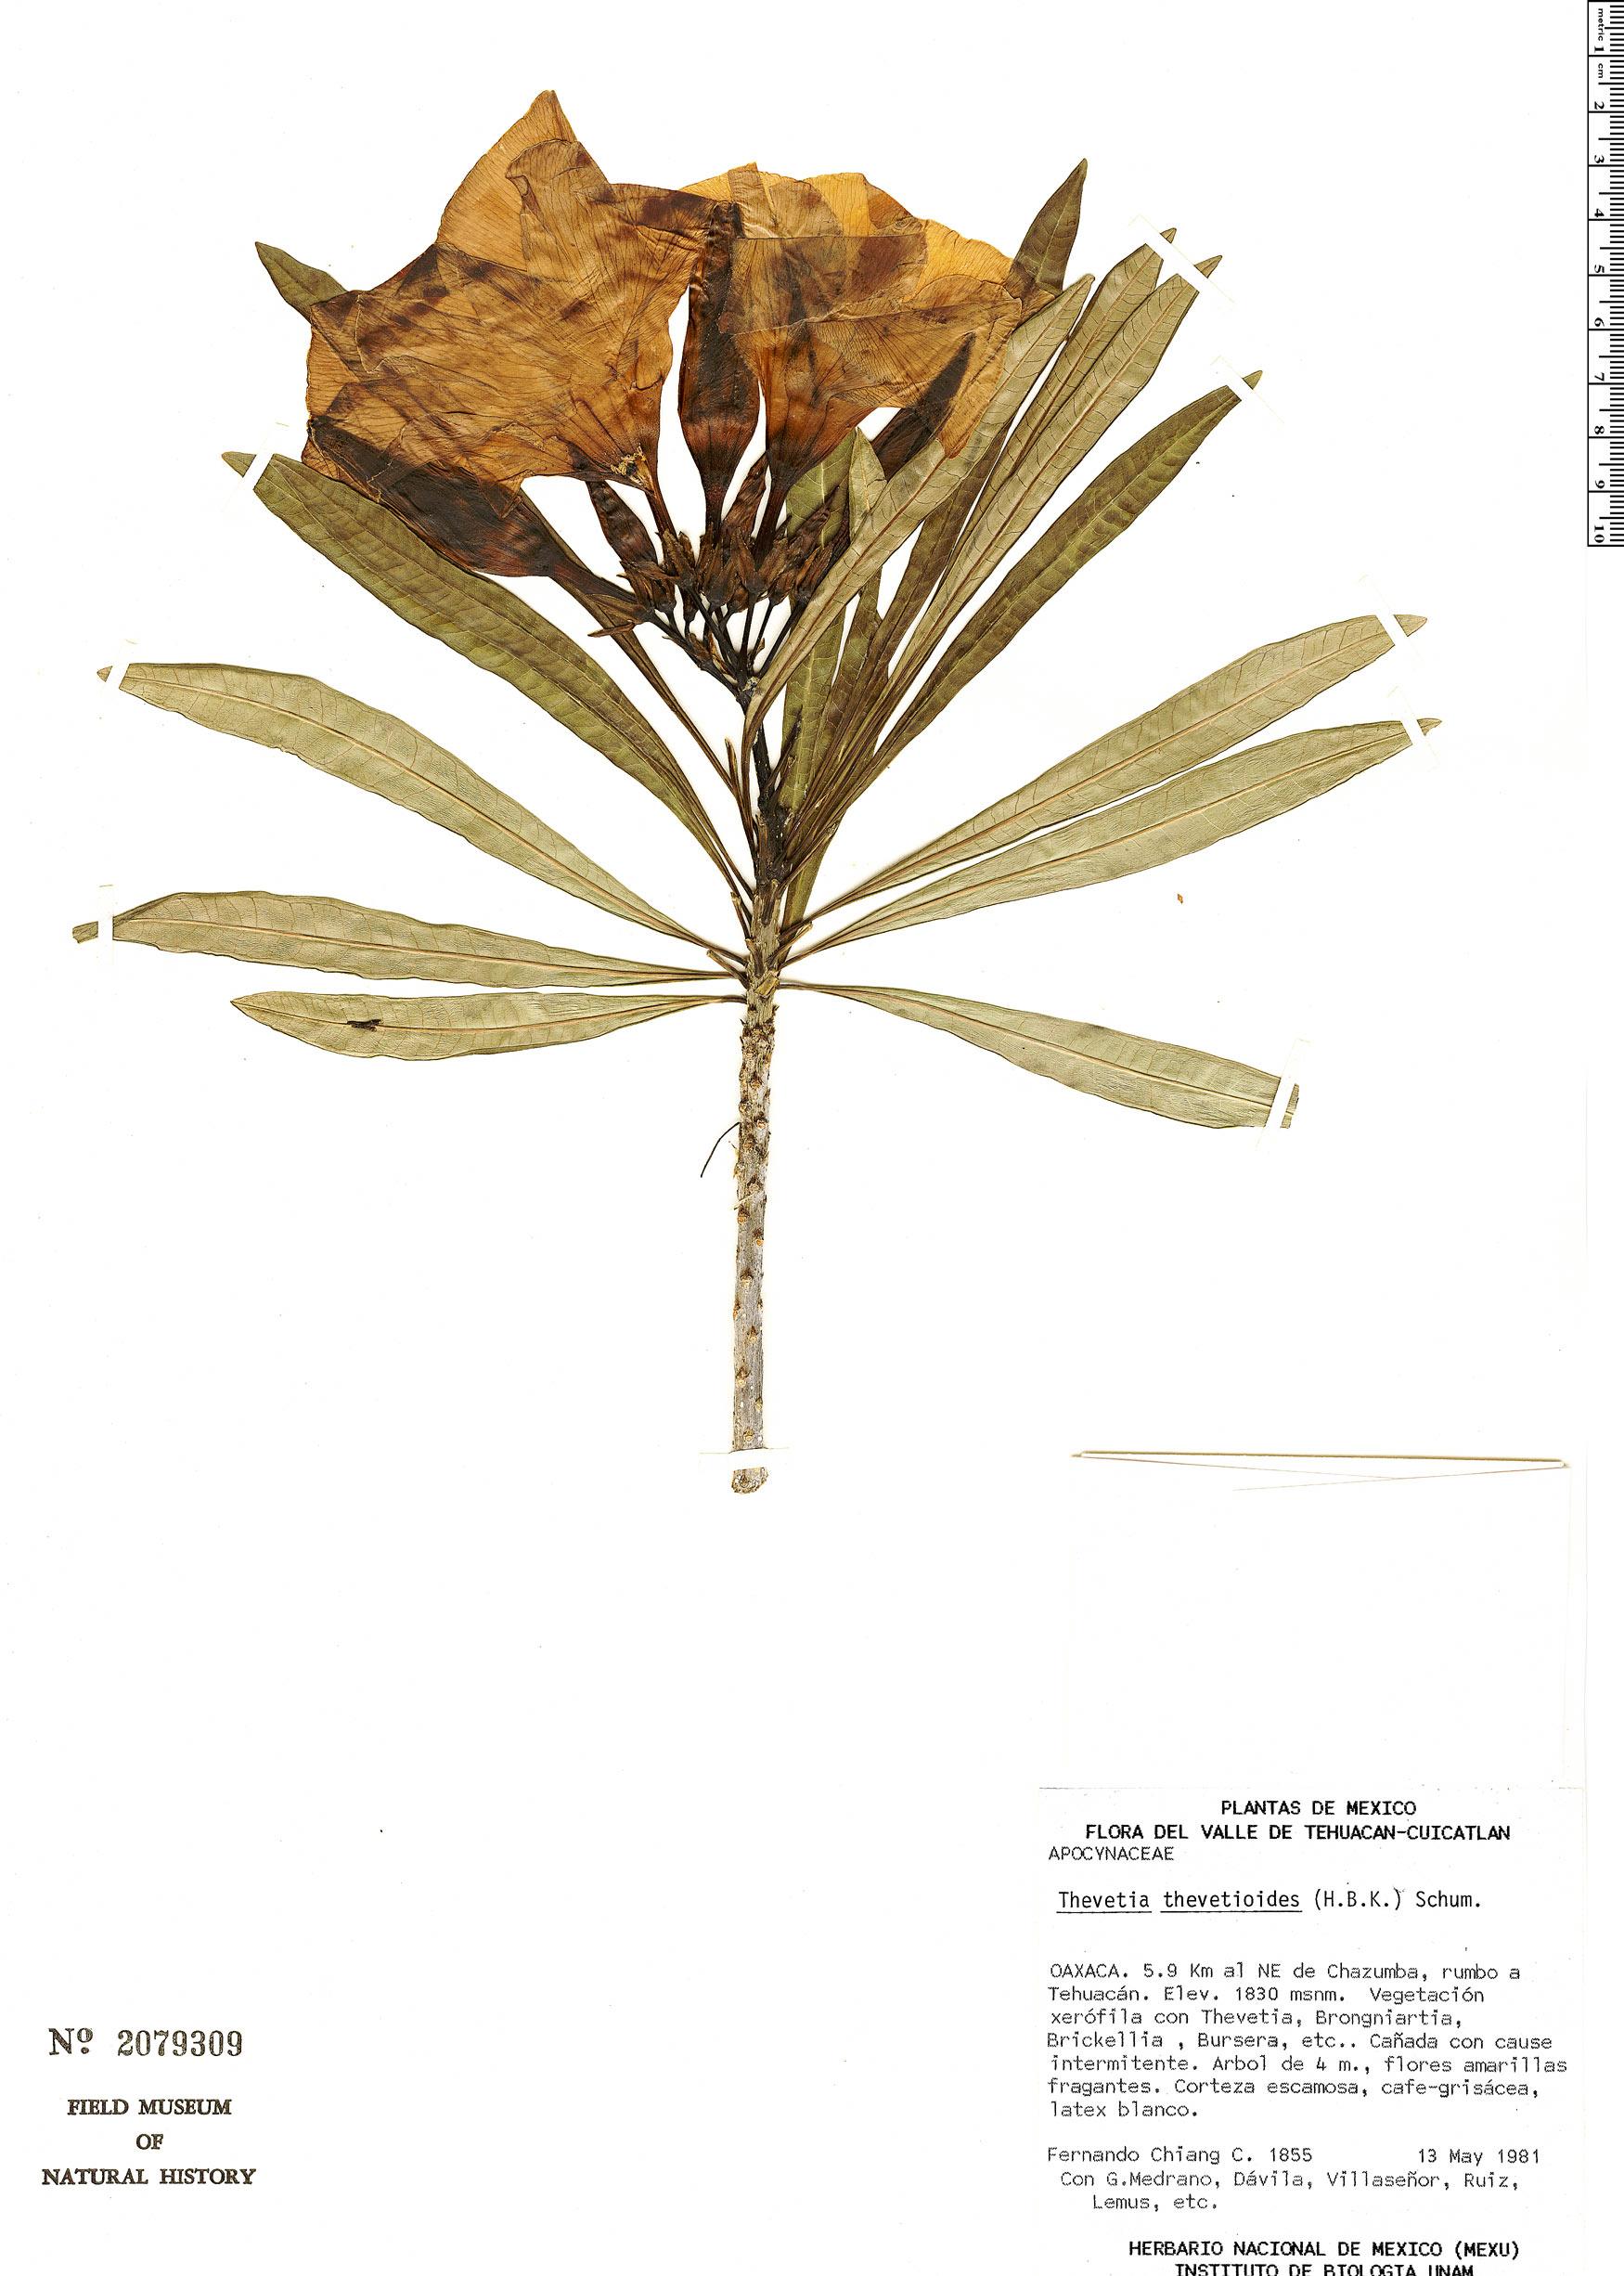 Specimen: Thevetia thevetioides